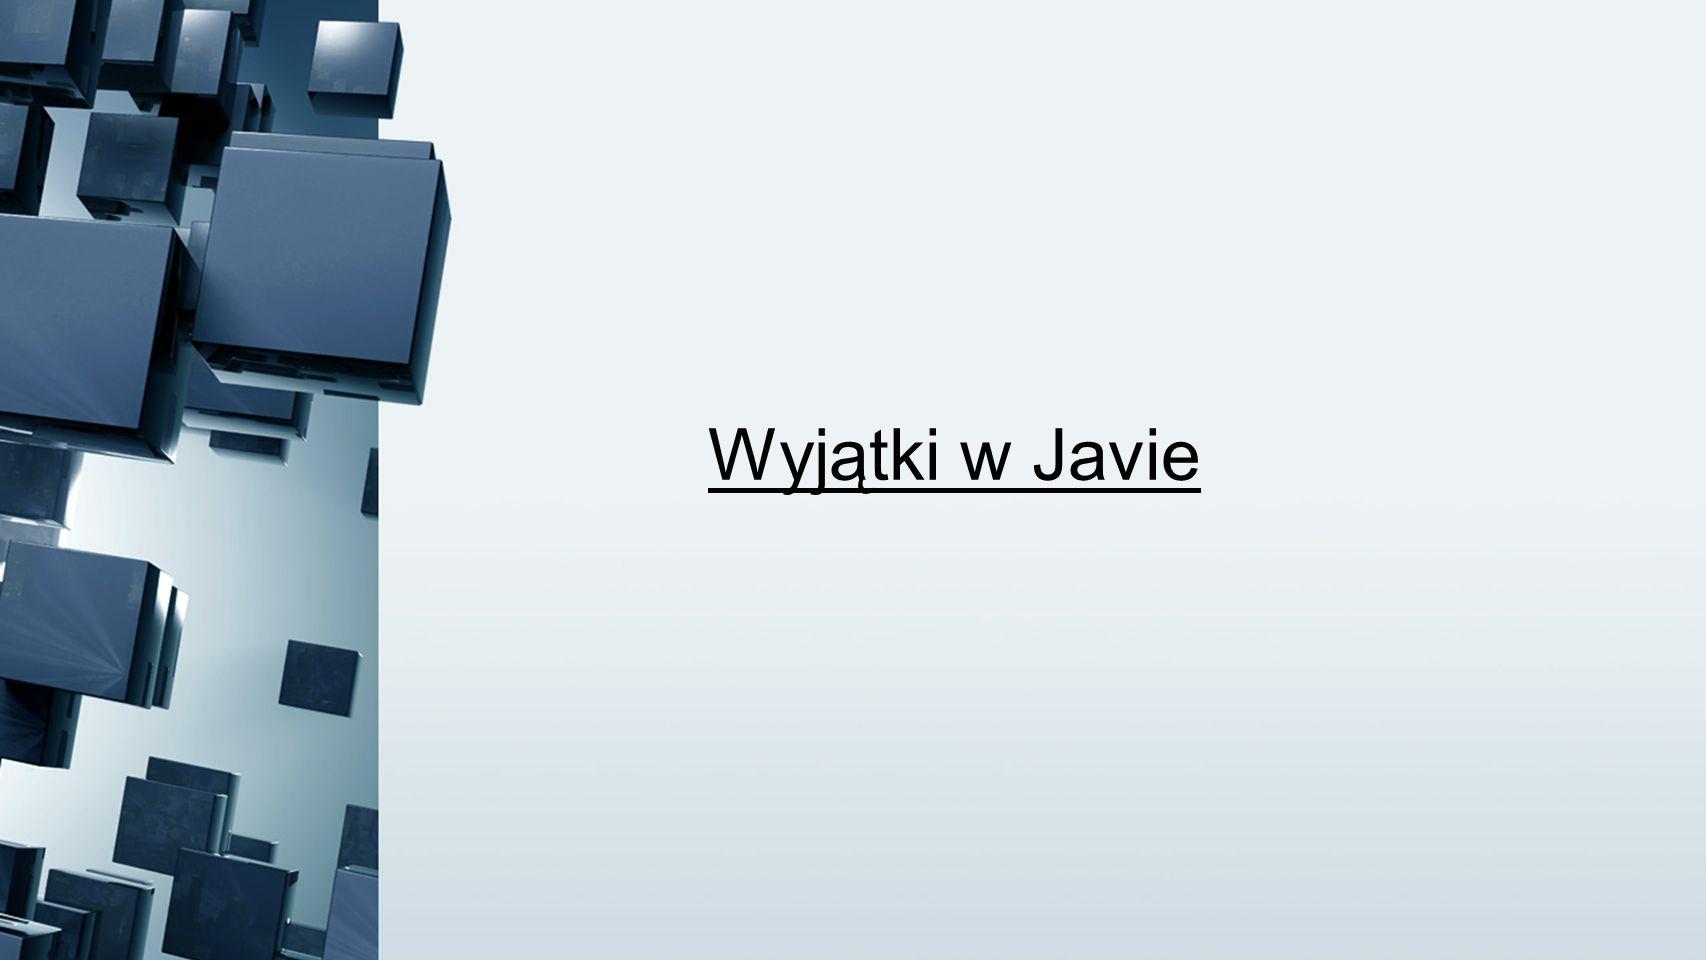 Wyjątki w Javie